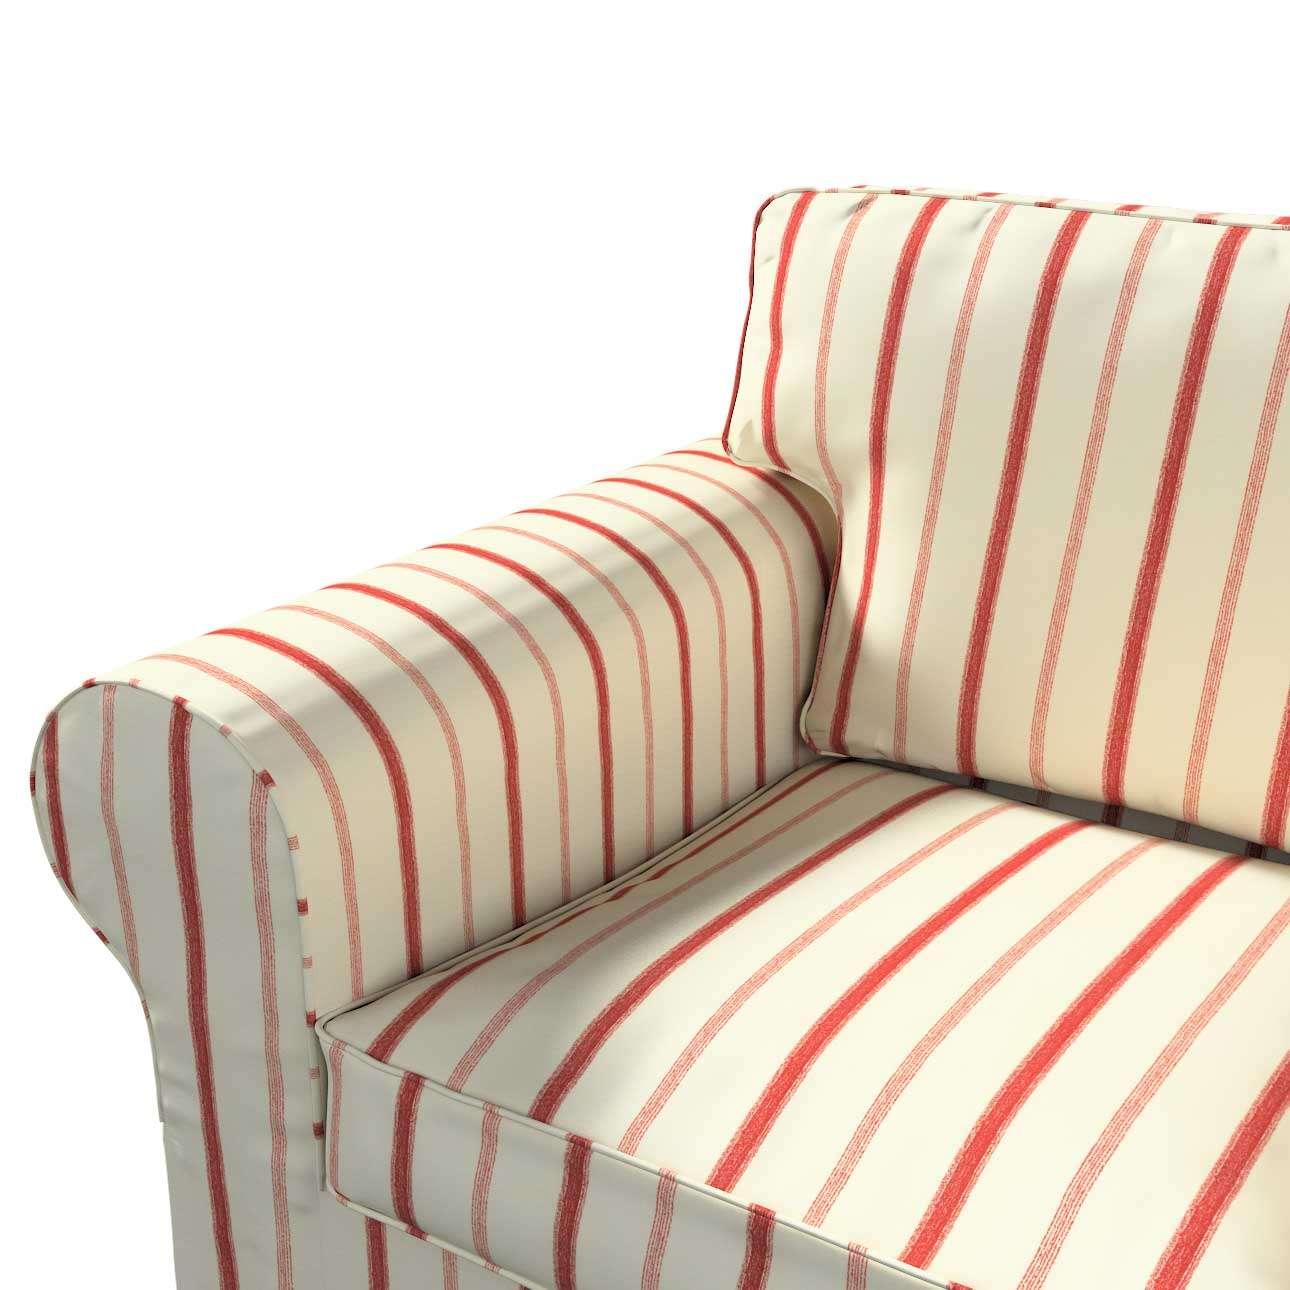 Potah na pohovku IKEA Ektorp 2-místná rozkládací  NOVÝ MODEL 2012 Ektorp 2012 v kolekci Avignon, látka: 129-15